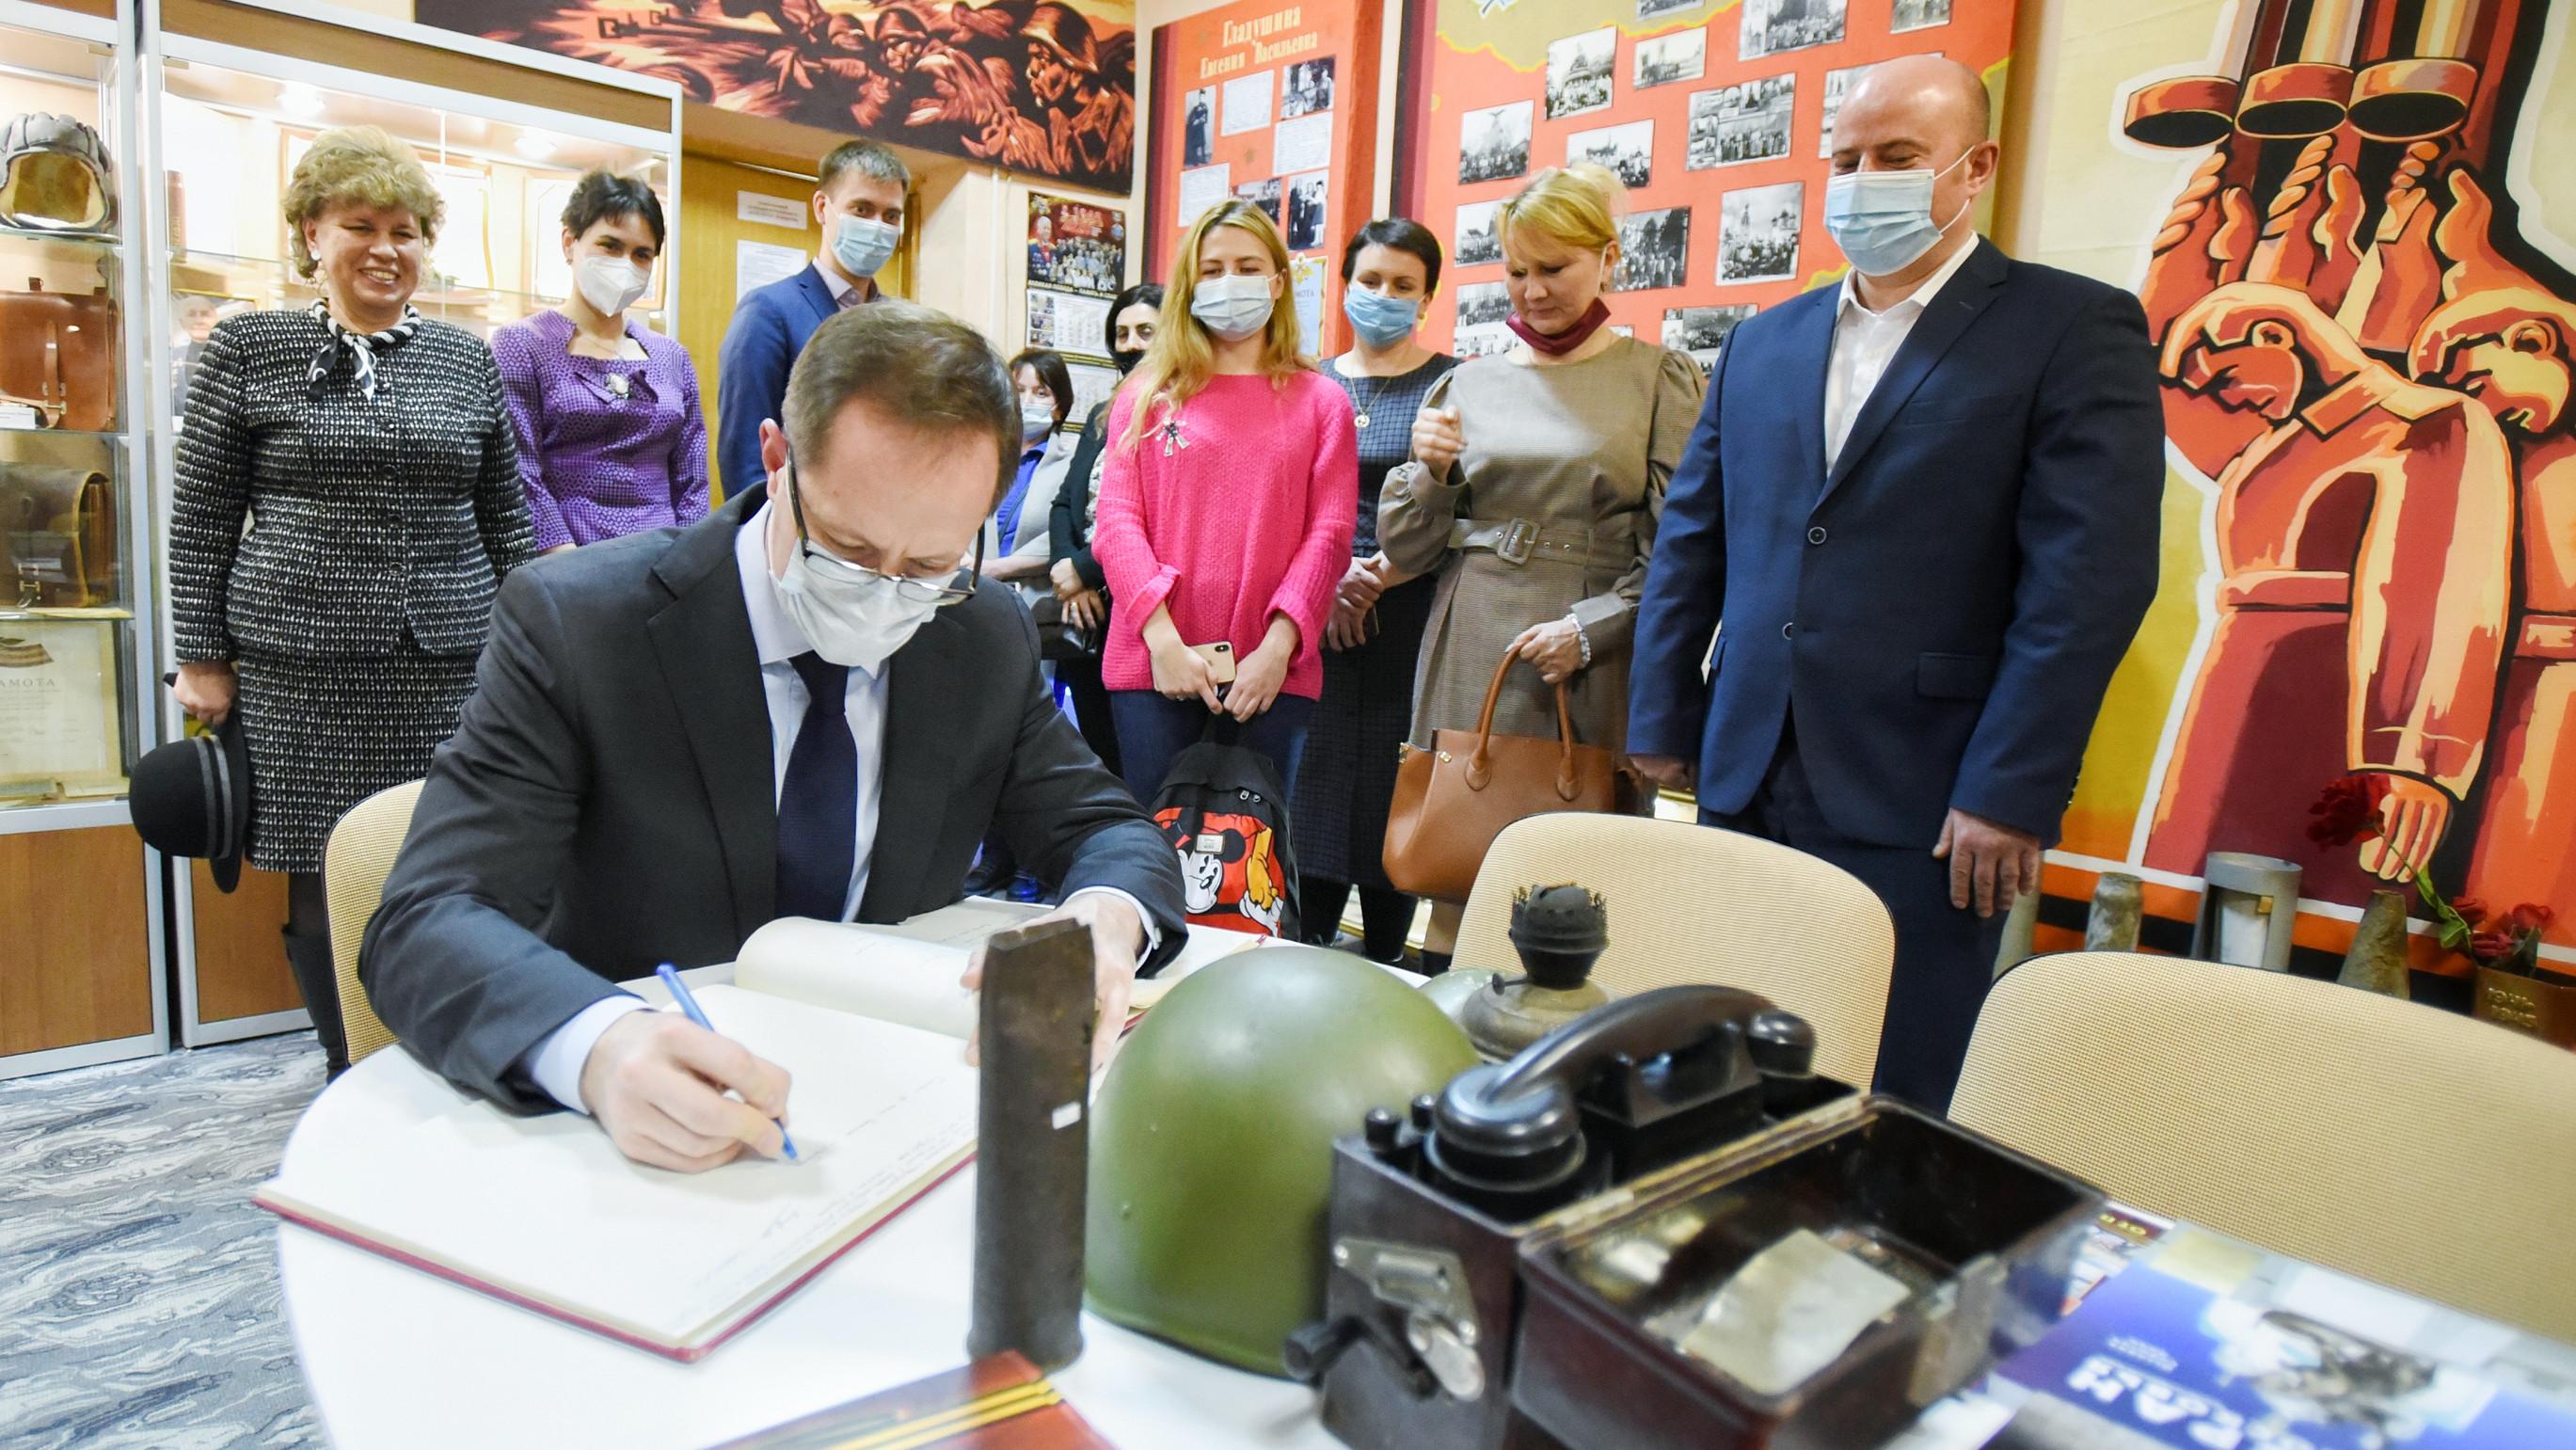 Терюшков обсудил строительство спортплощадки с родительским активом школы №1 в Котельниках